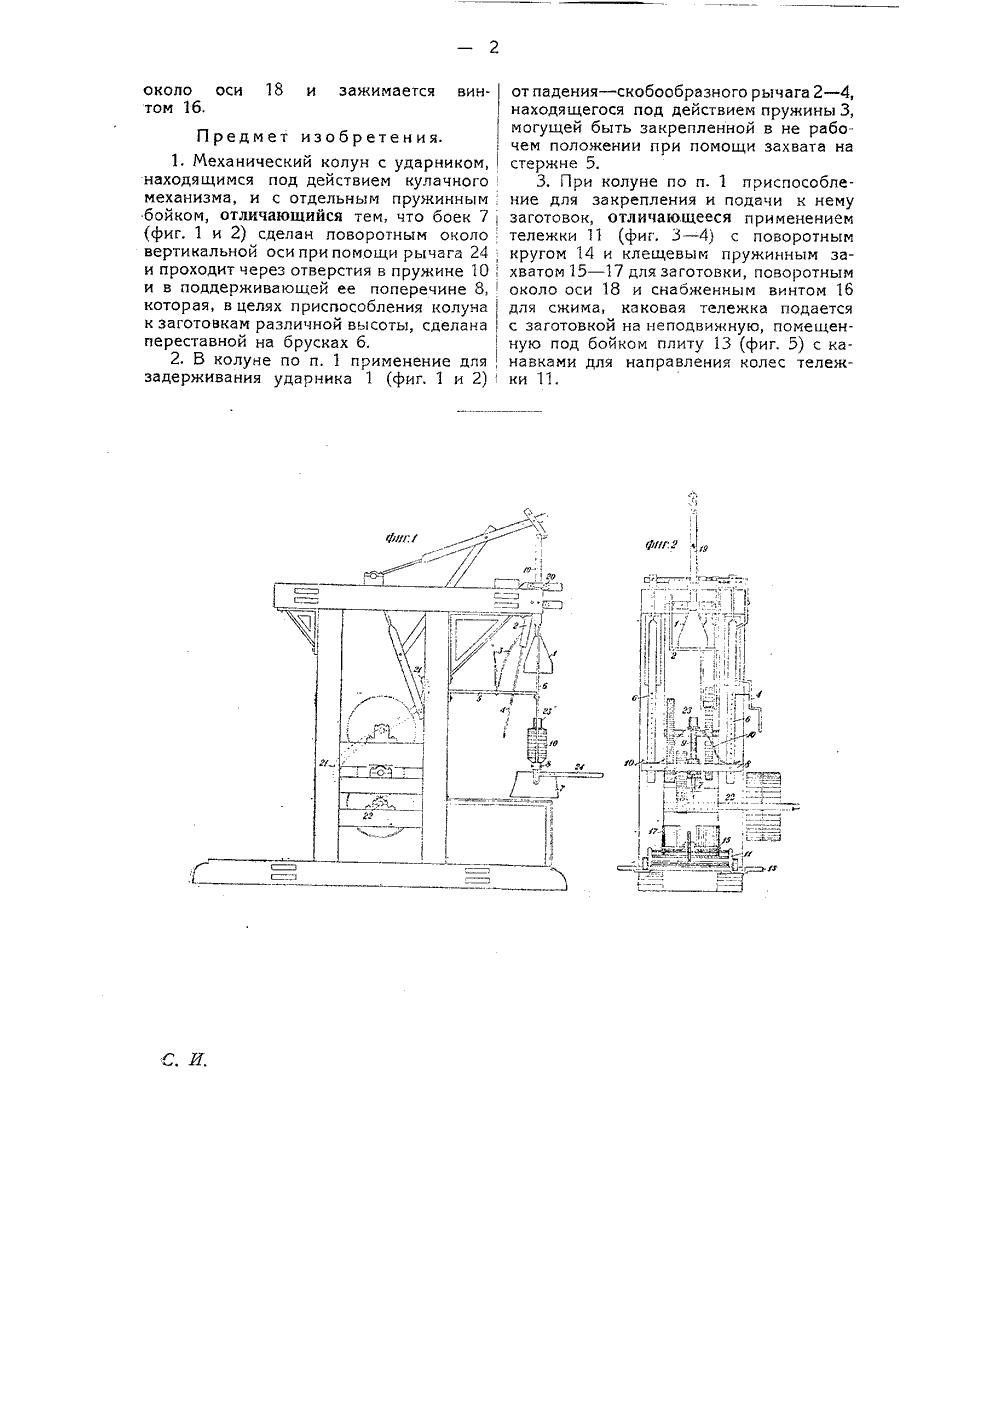 Механический пружинный колун  чертежи 49